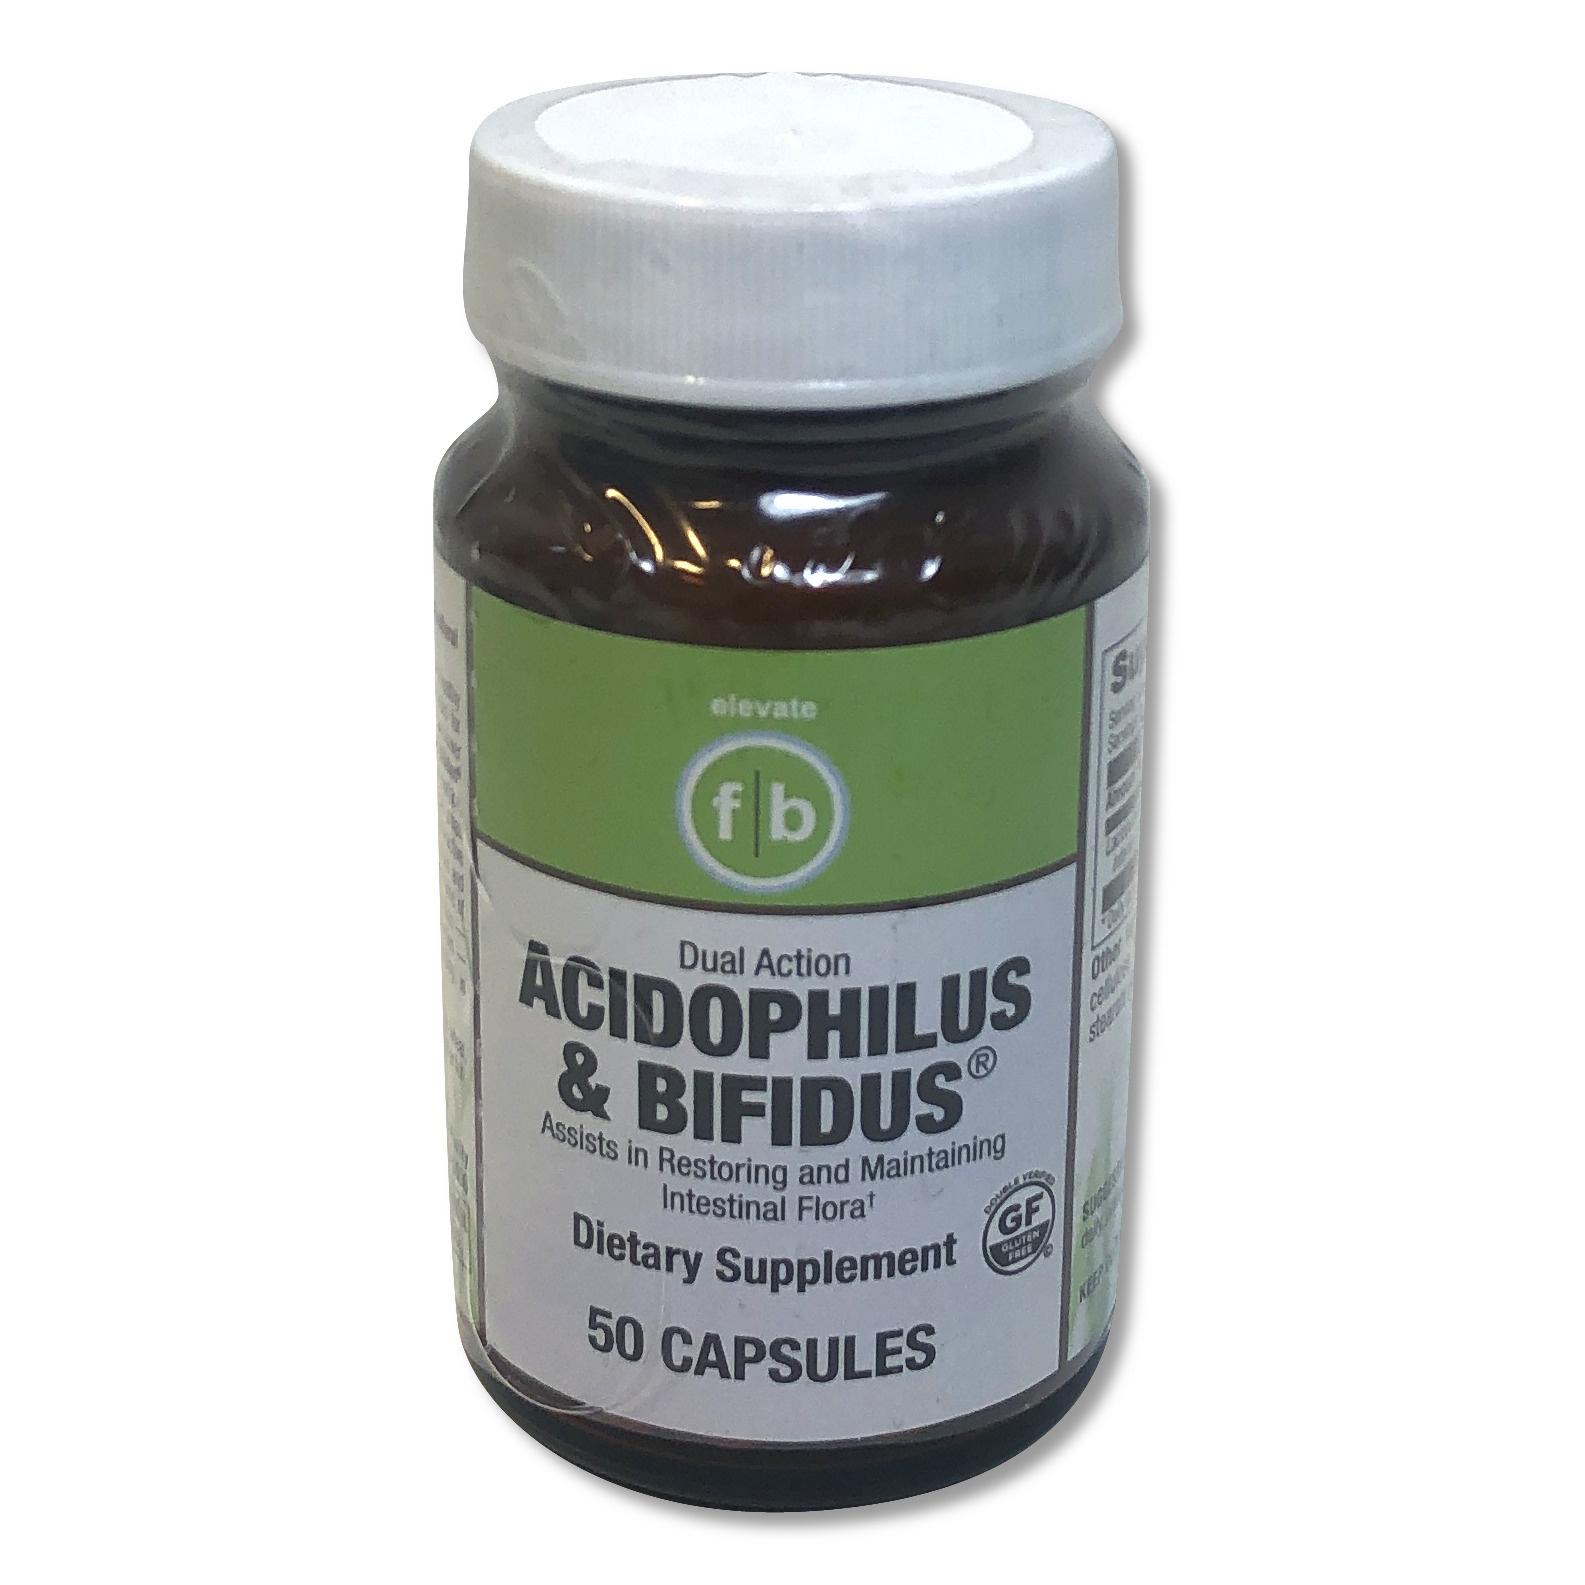 Acidophilus & Bifidus-1